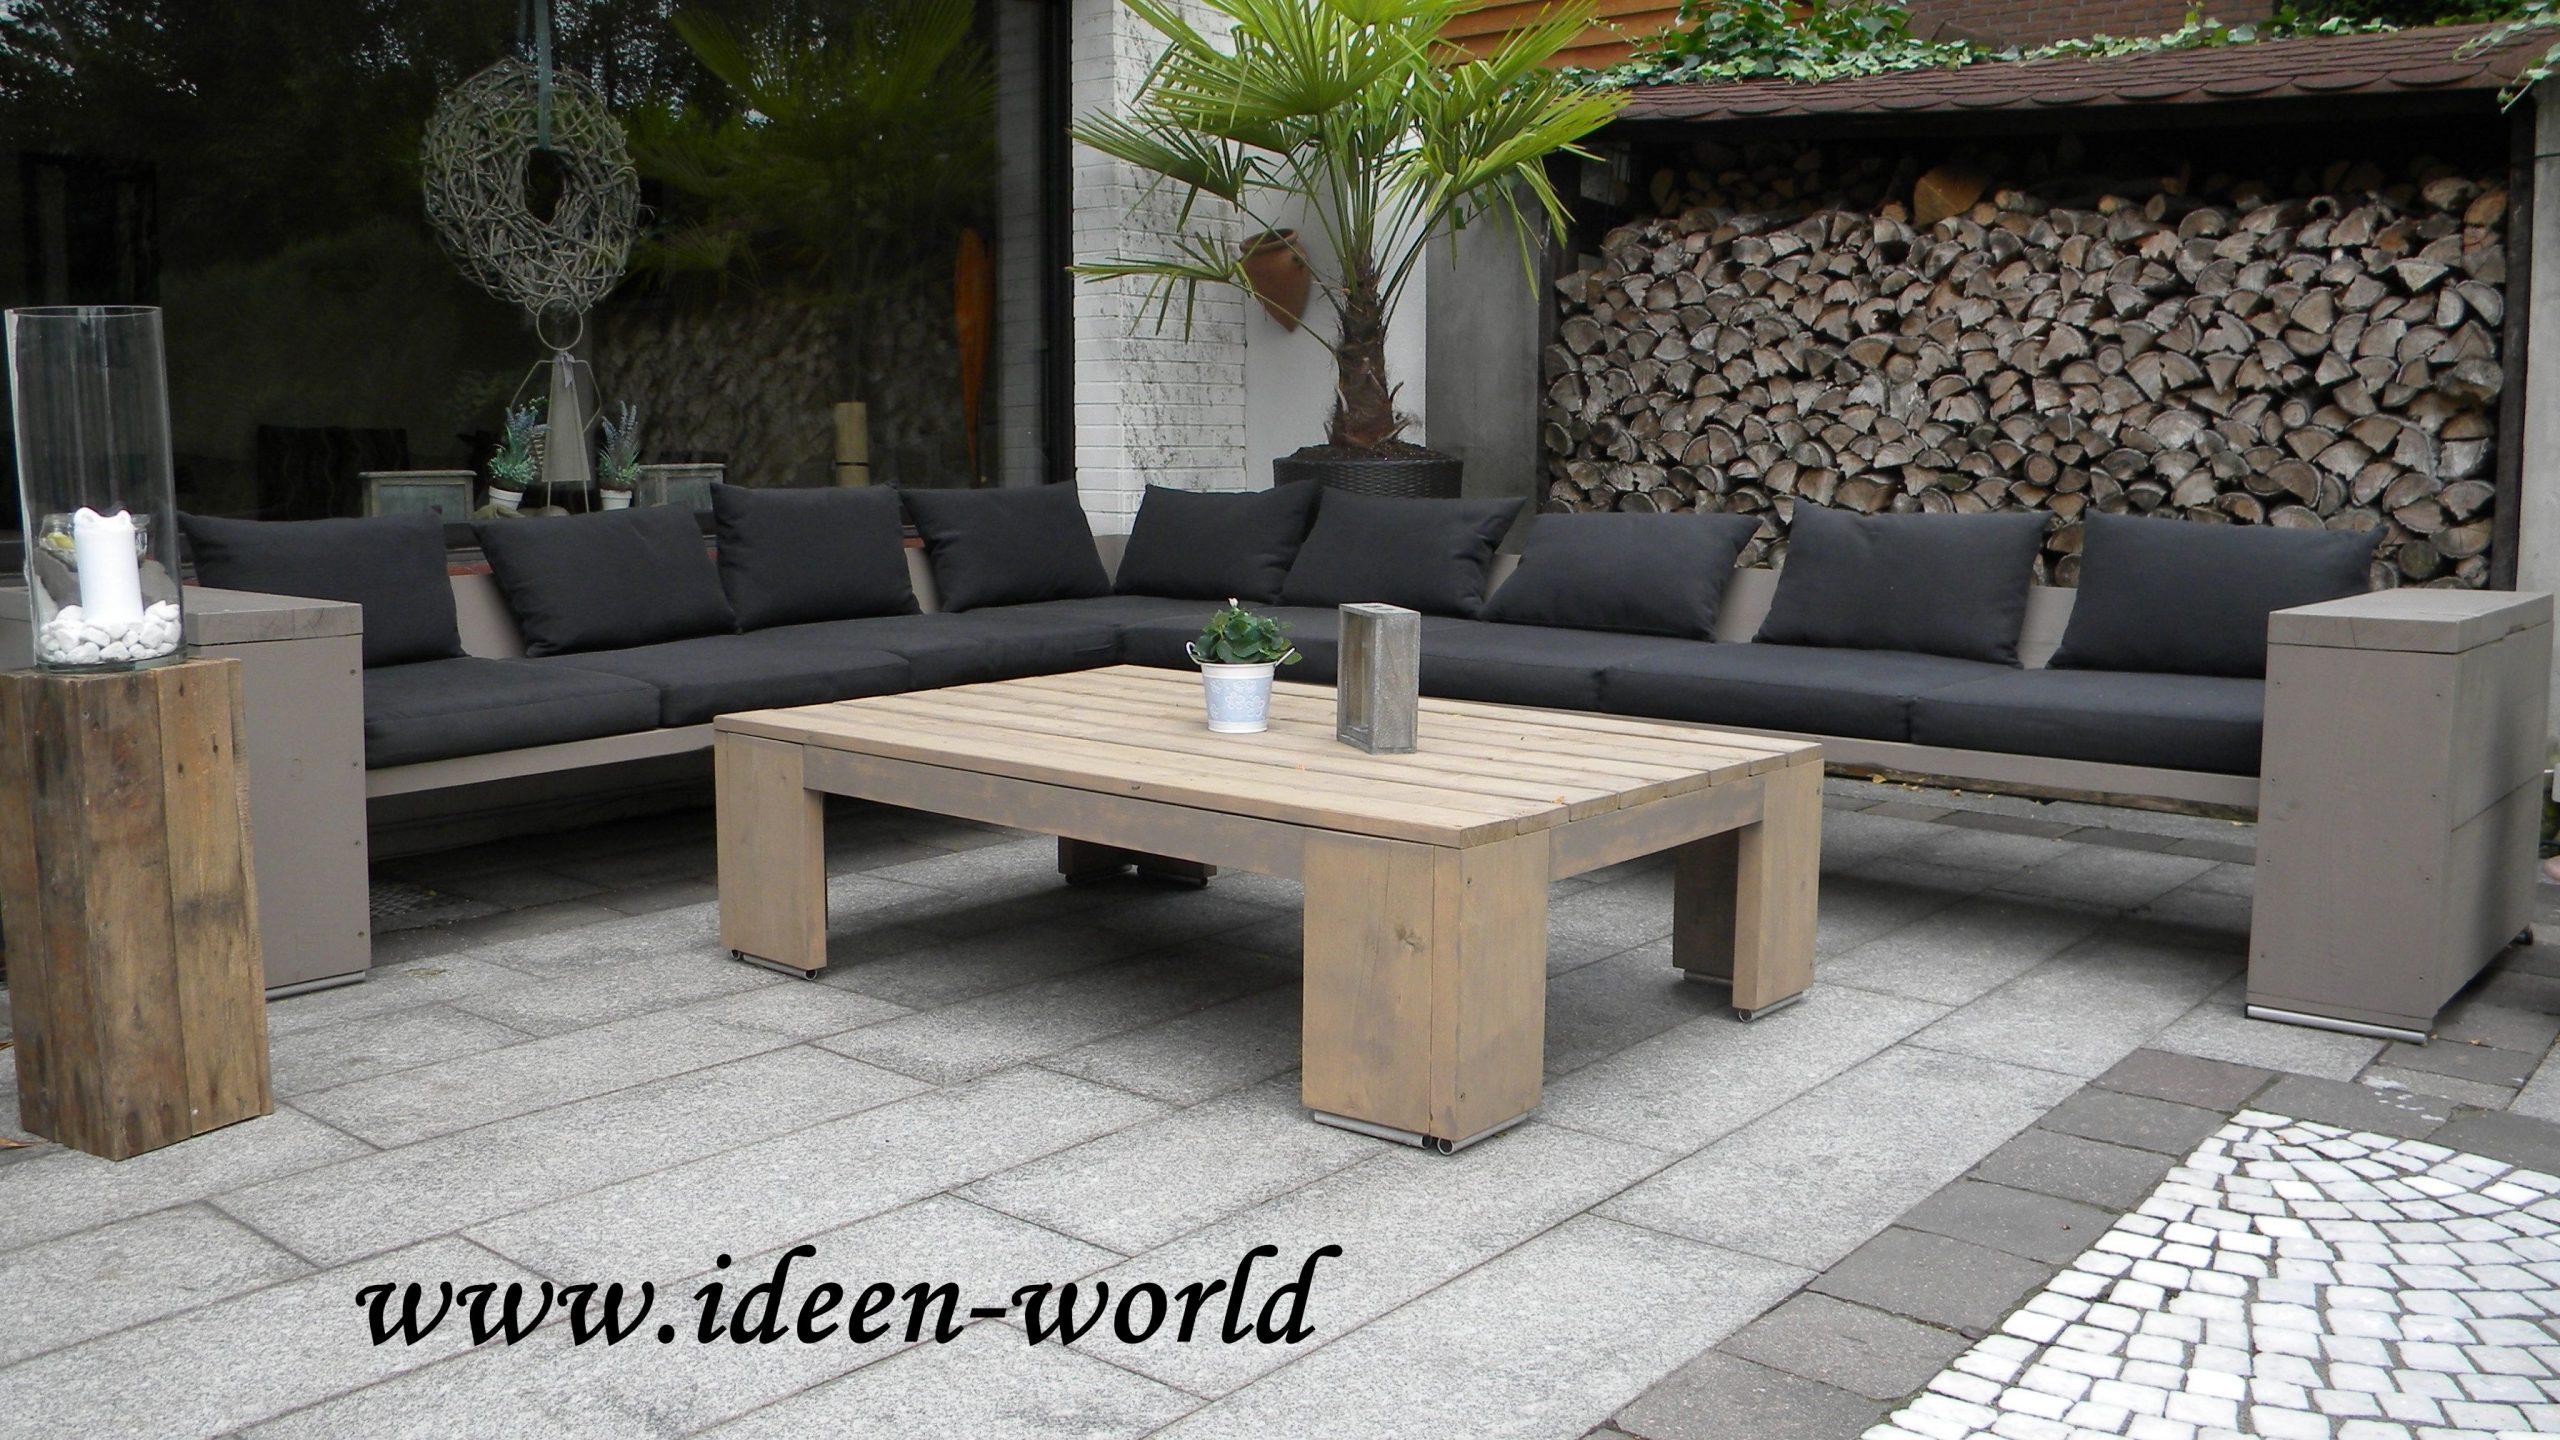 Full Size of Holz Lounge Mbel Kreativ Nach Ihren Wnschen Gefertigt Massivholzküche Garten Loungemöbel Holzhaus Schlafzimmer Massivholz Sofa Mit Holzfüßen Günstig Wohnzimmer Loungemöbel Holz